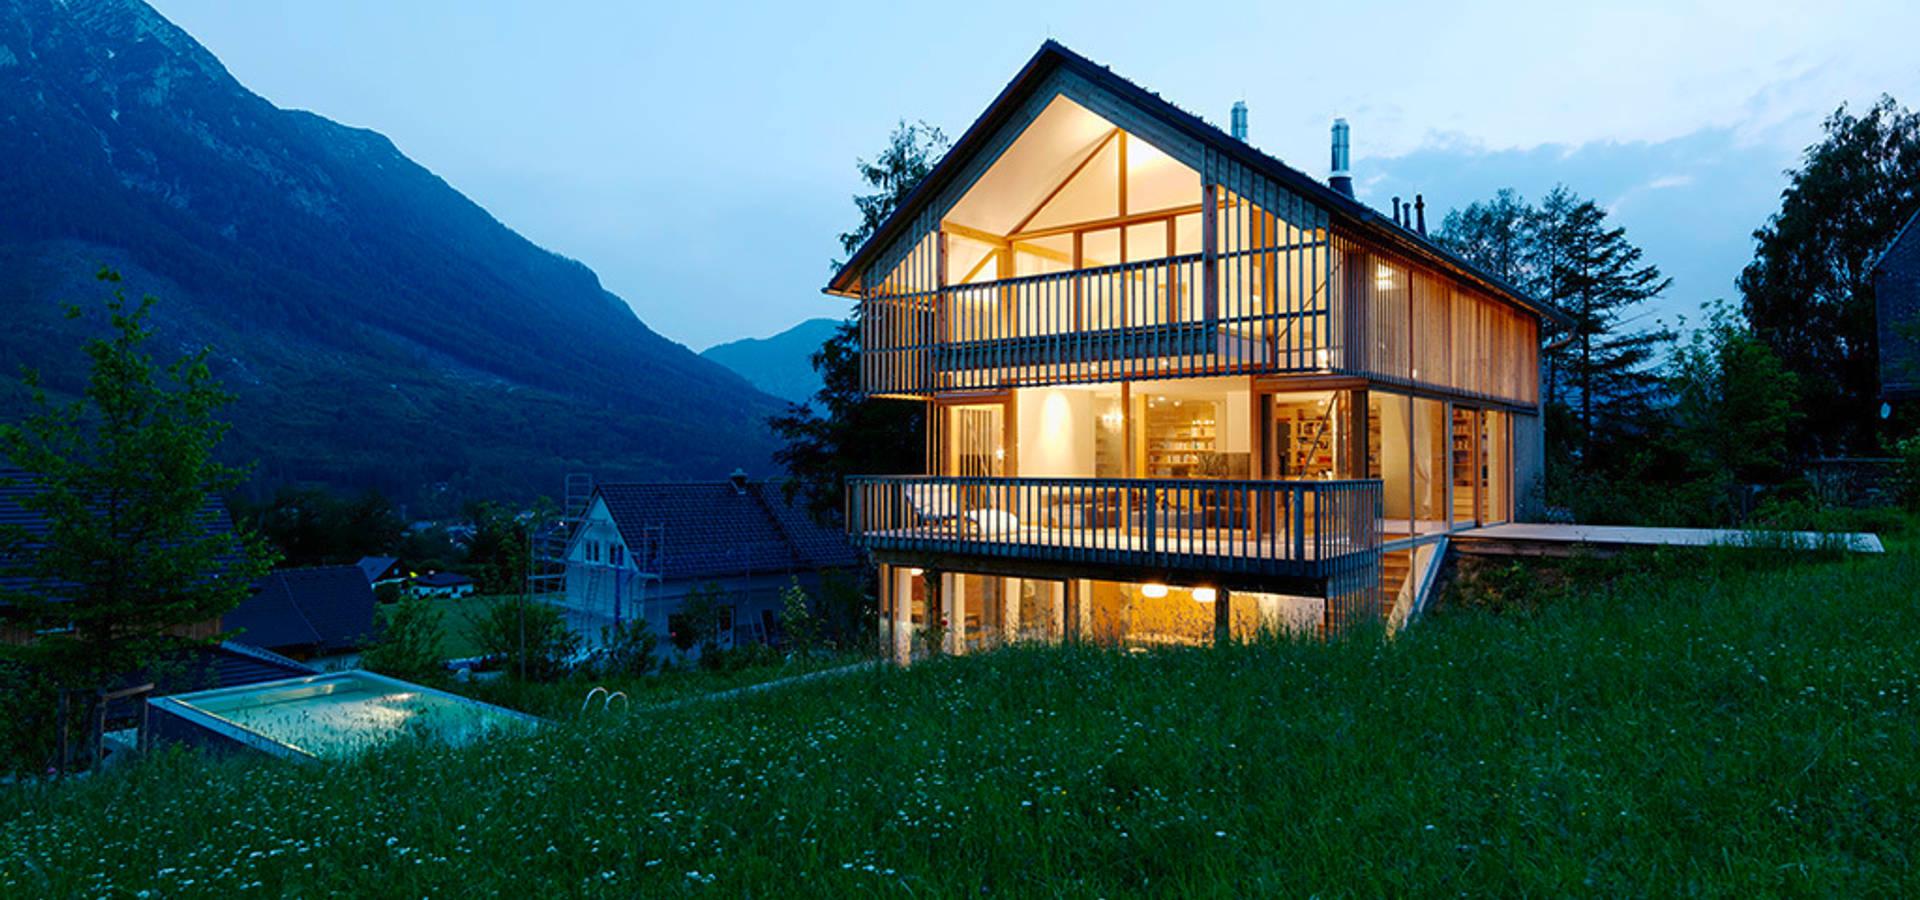 Haus m bad aussee de hohensinn architektur homify for Haus bad aussee